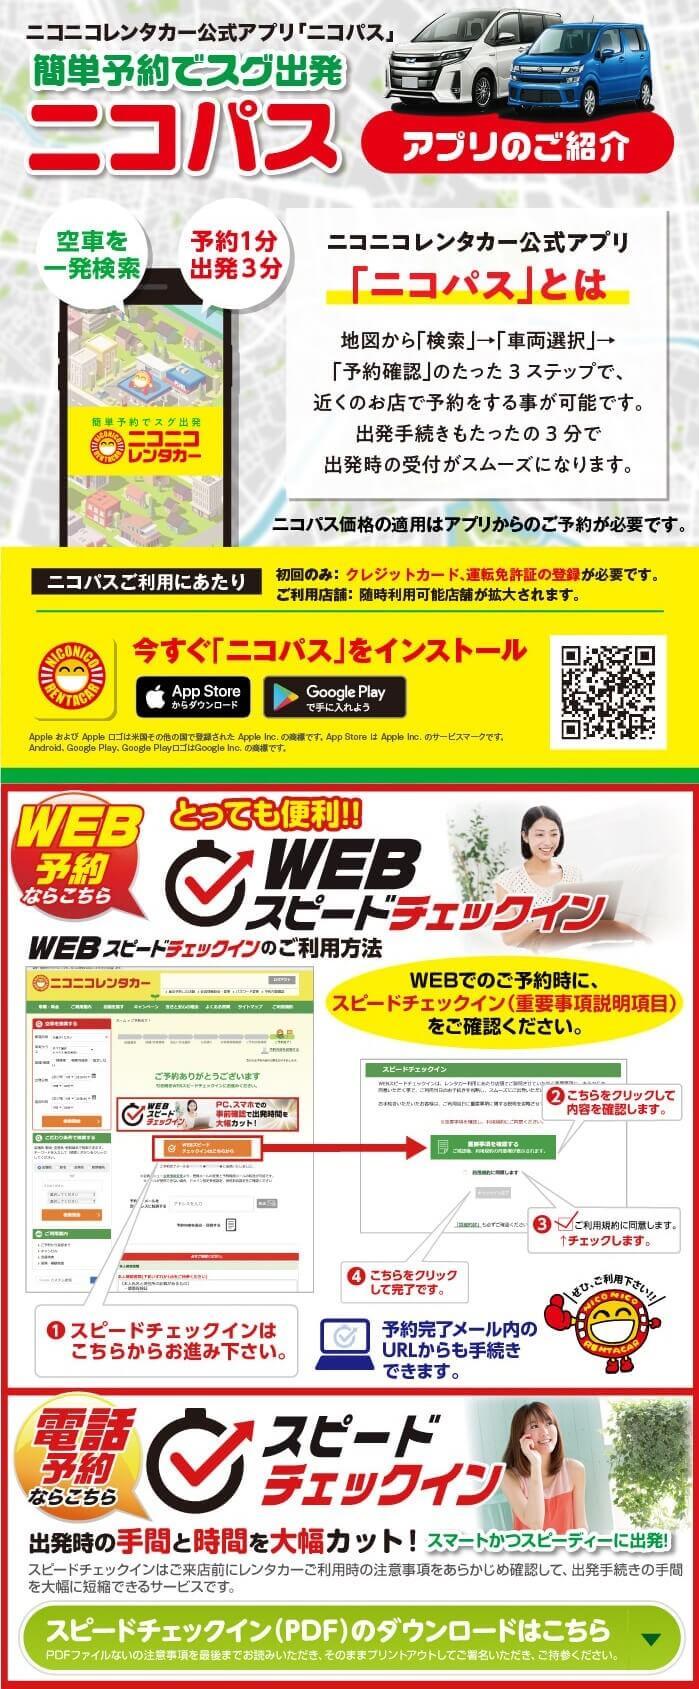 簡単予約ですぐ出発「ニコパス」 WEBスピードチェックイン!WEB予約時にご確認ください!電話予約ならPDFをダウンロードしてください。